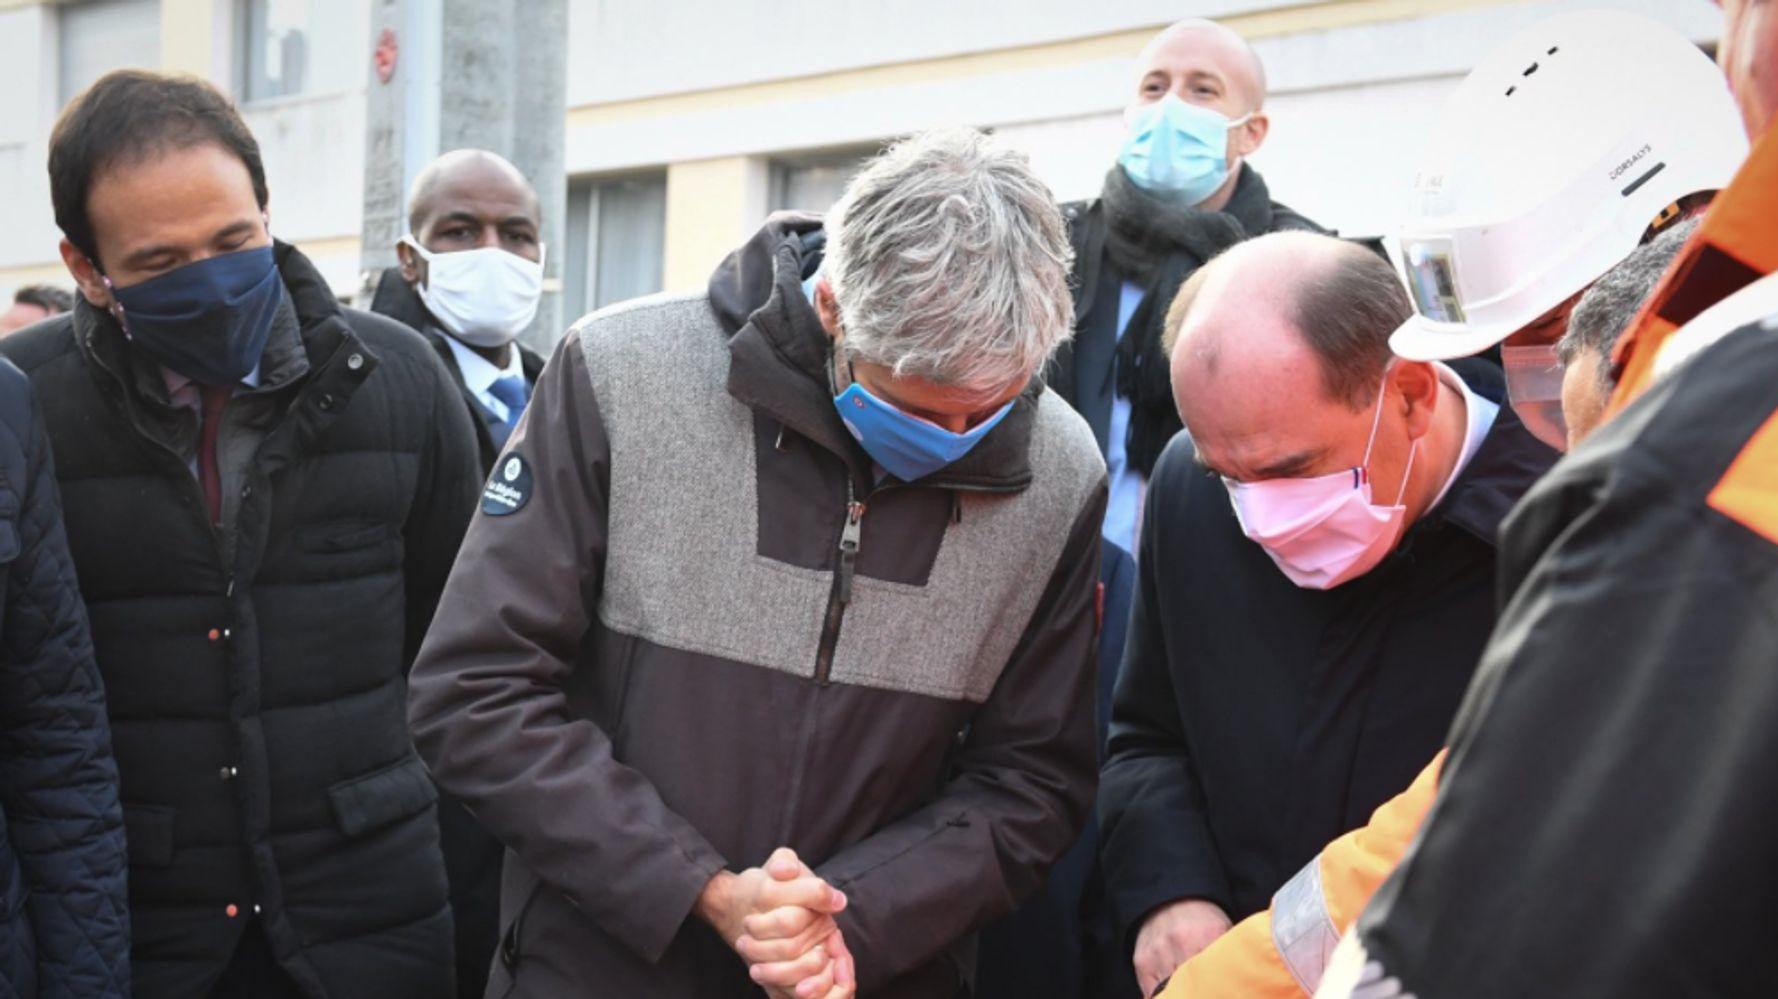 Numérique: Jean Castex veut accélérer le déploiement de la fibre en France